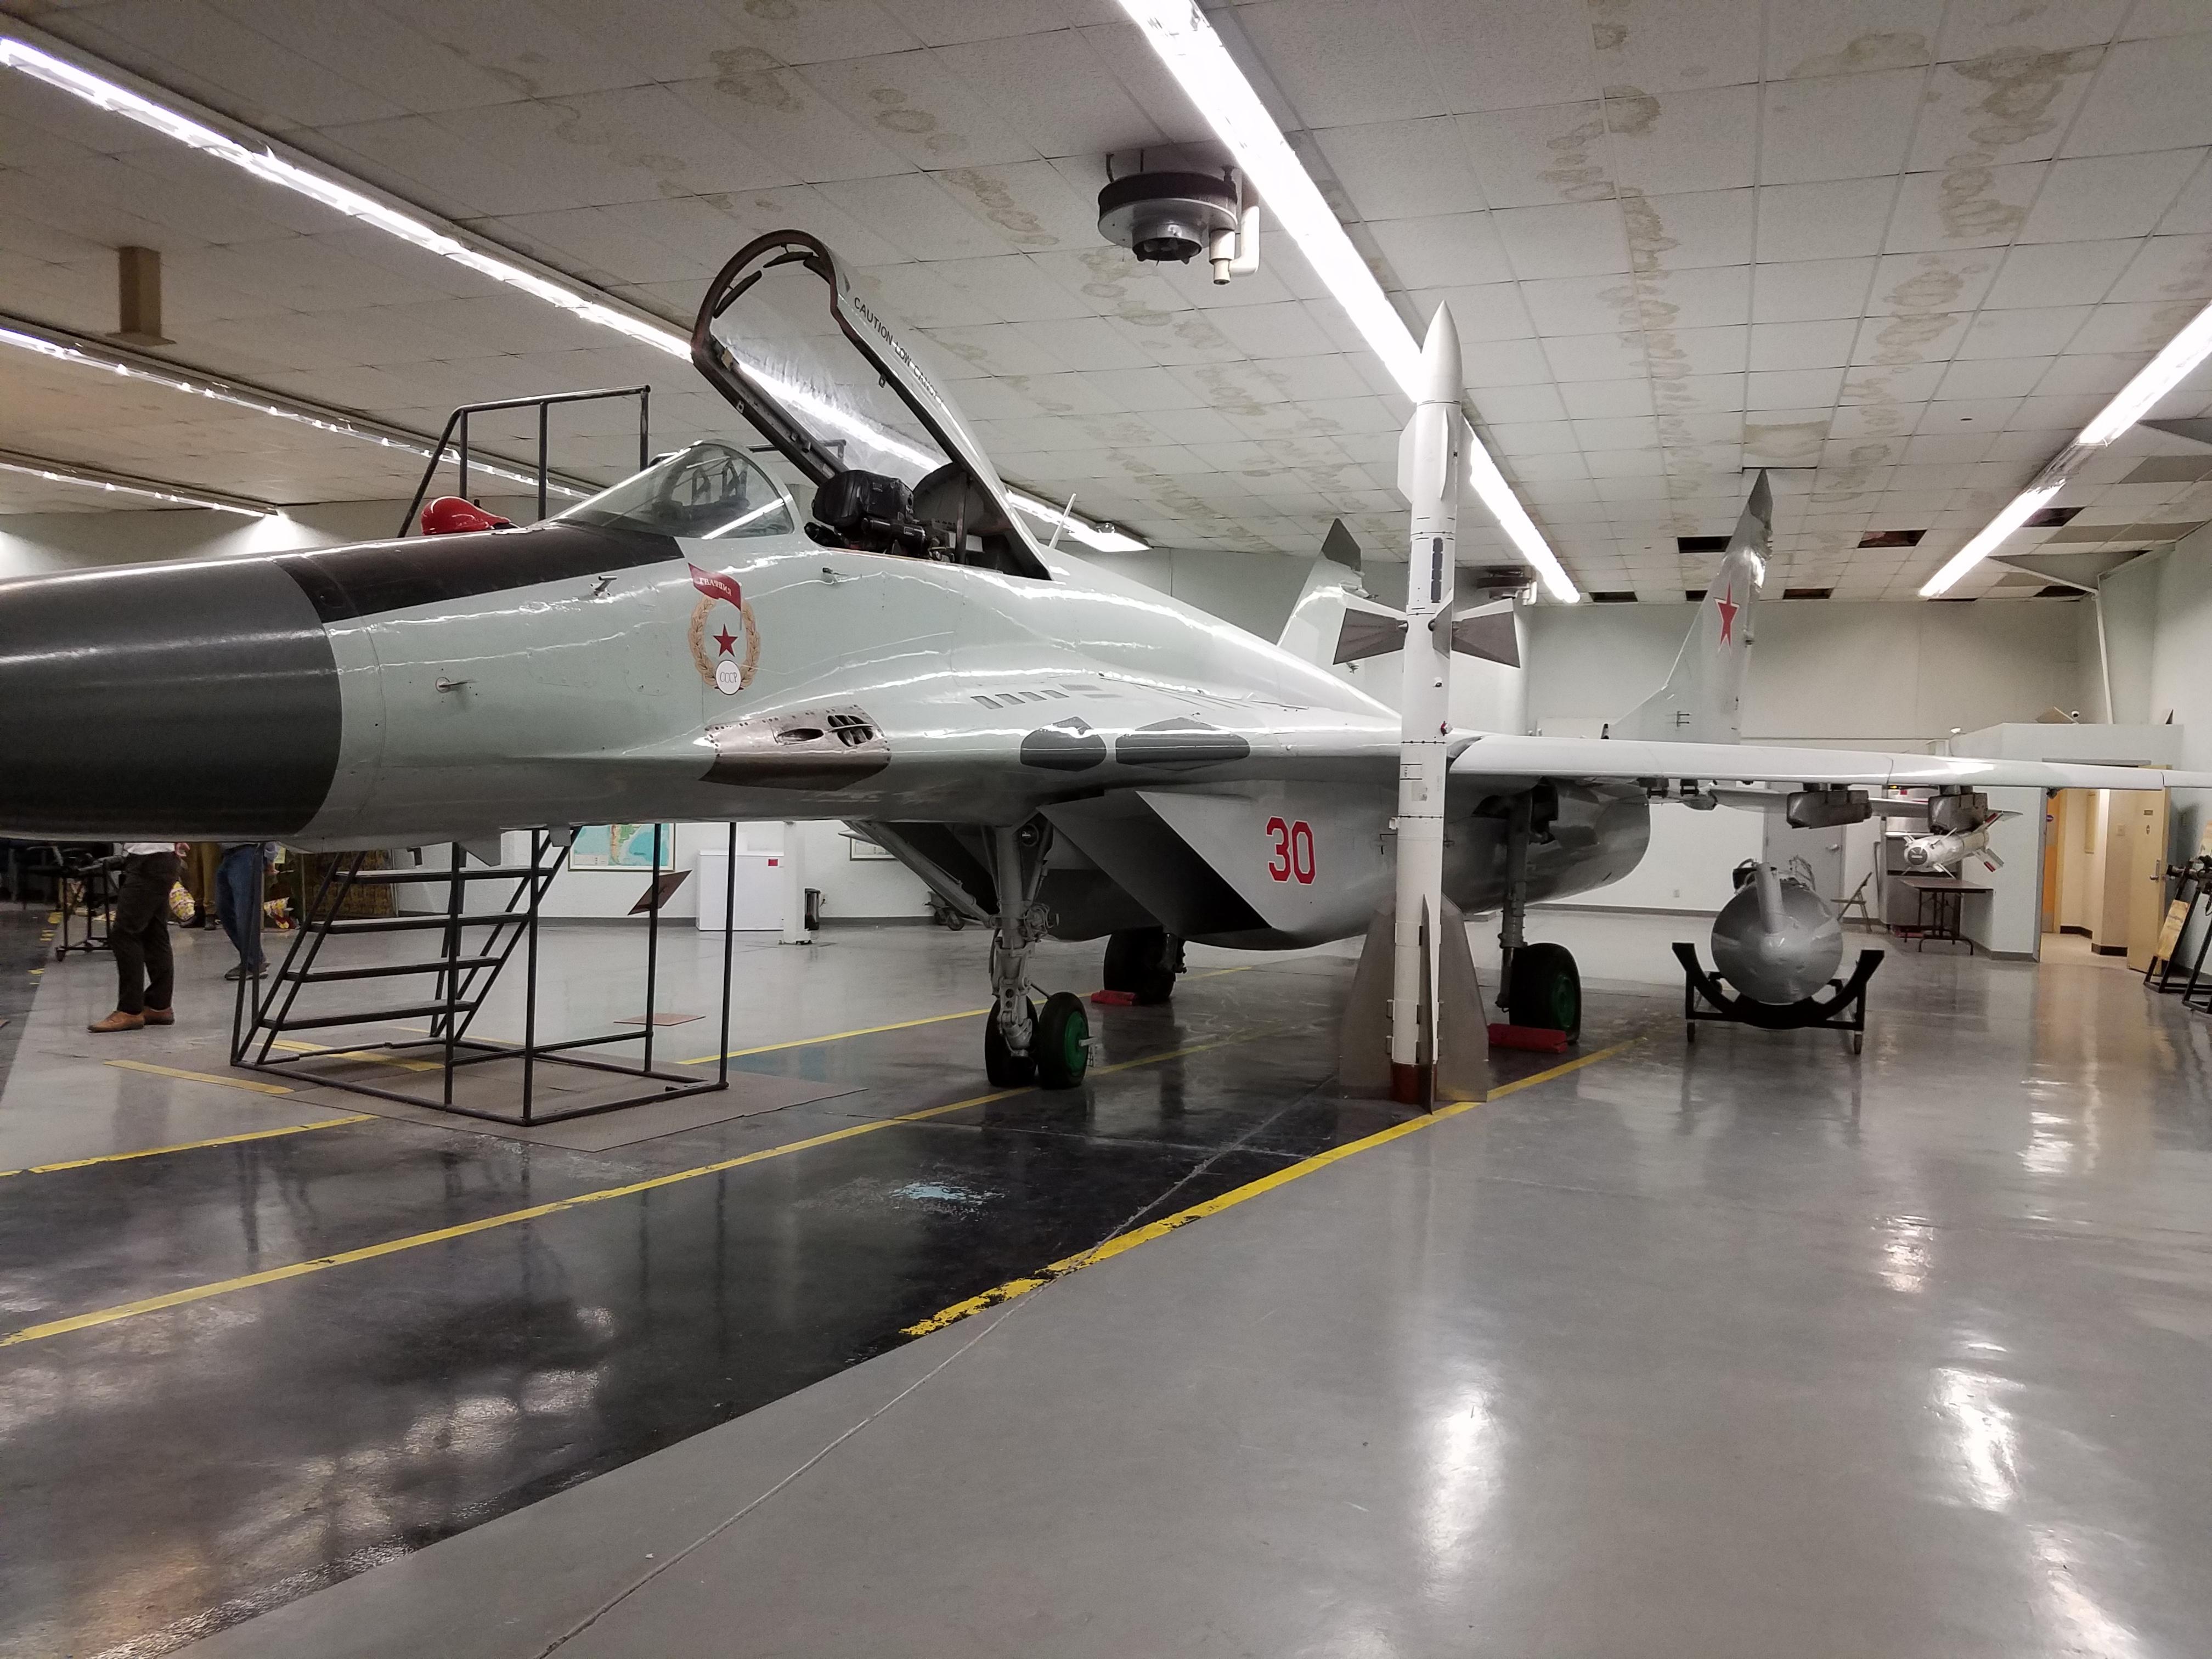 MiG-29c FULCRUM